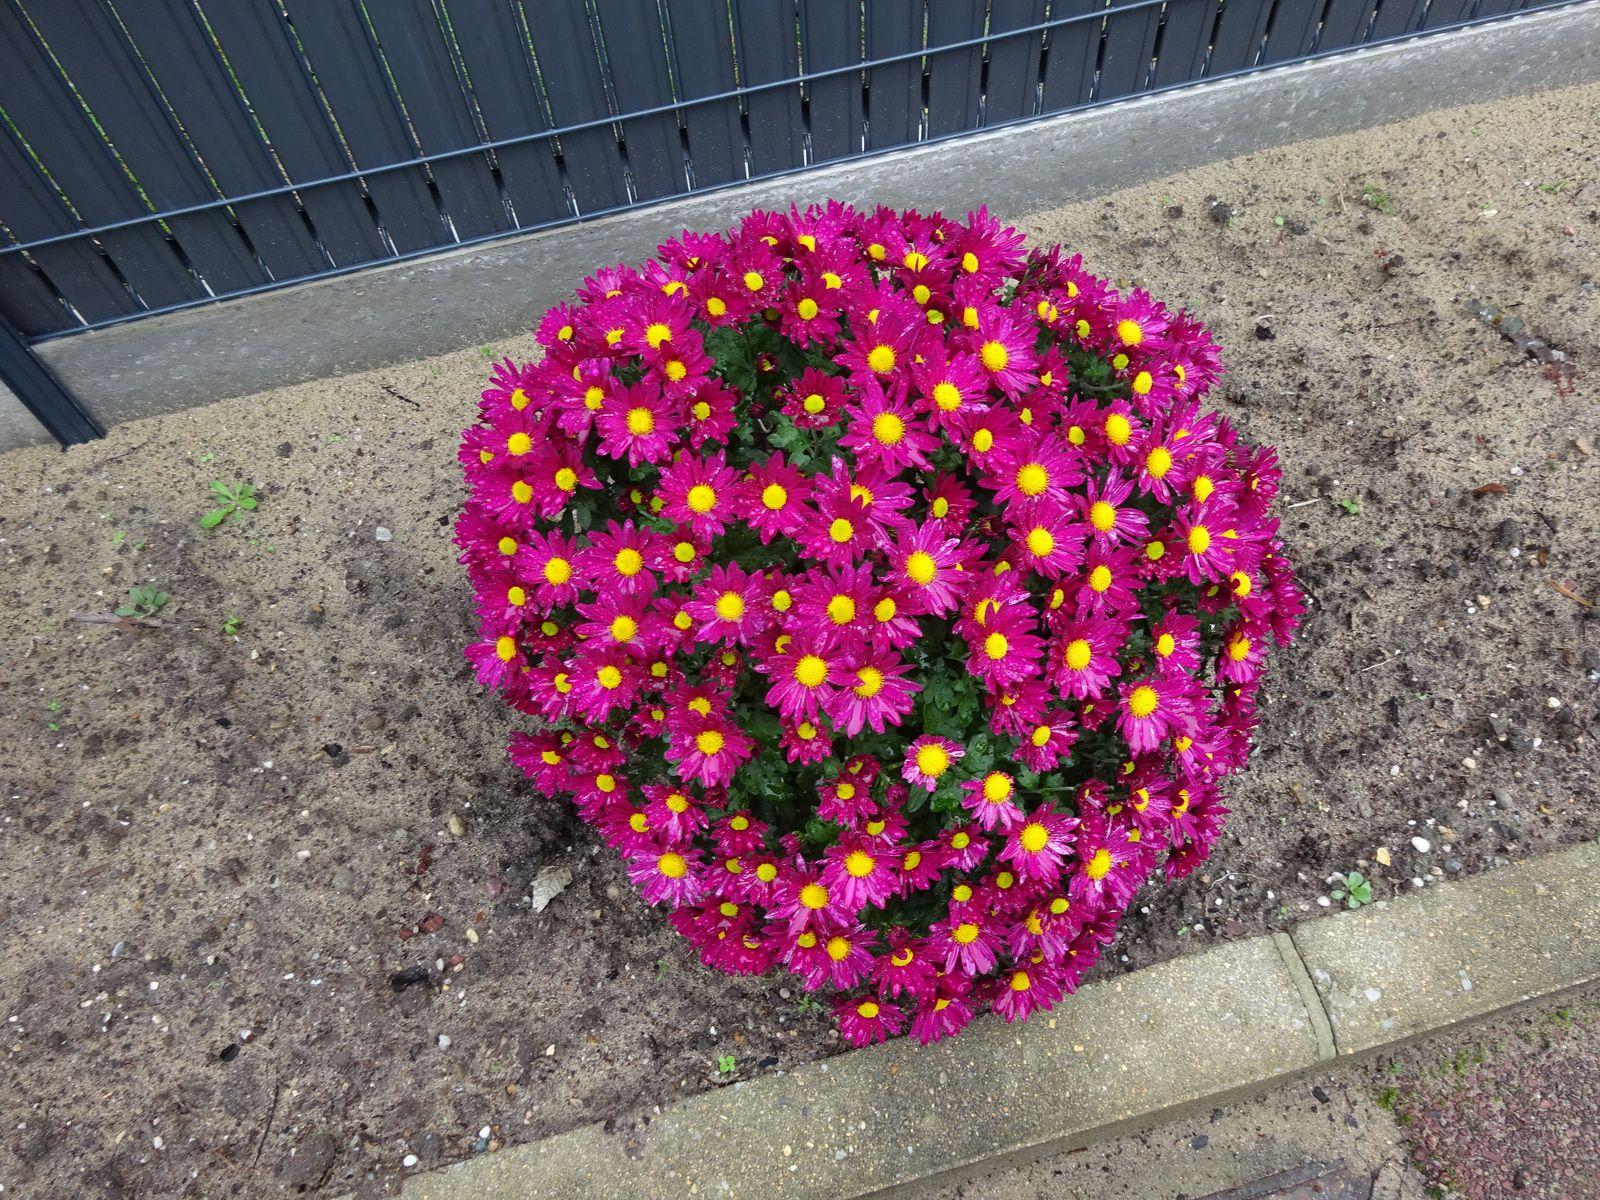 le ciel le matin (superbes couleurs) et les fleurs d'automne dans le jardin